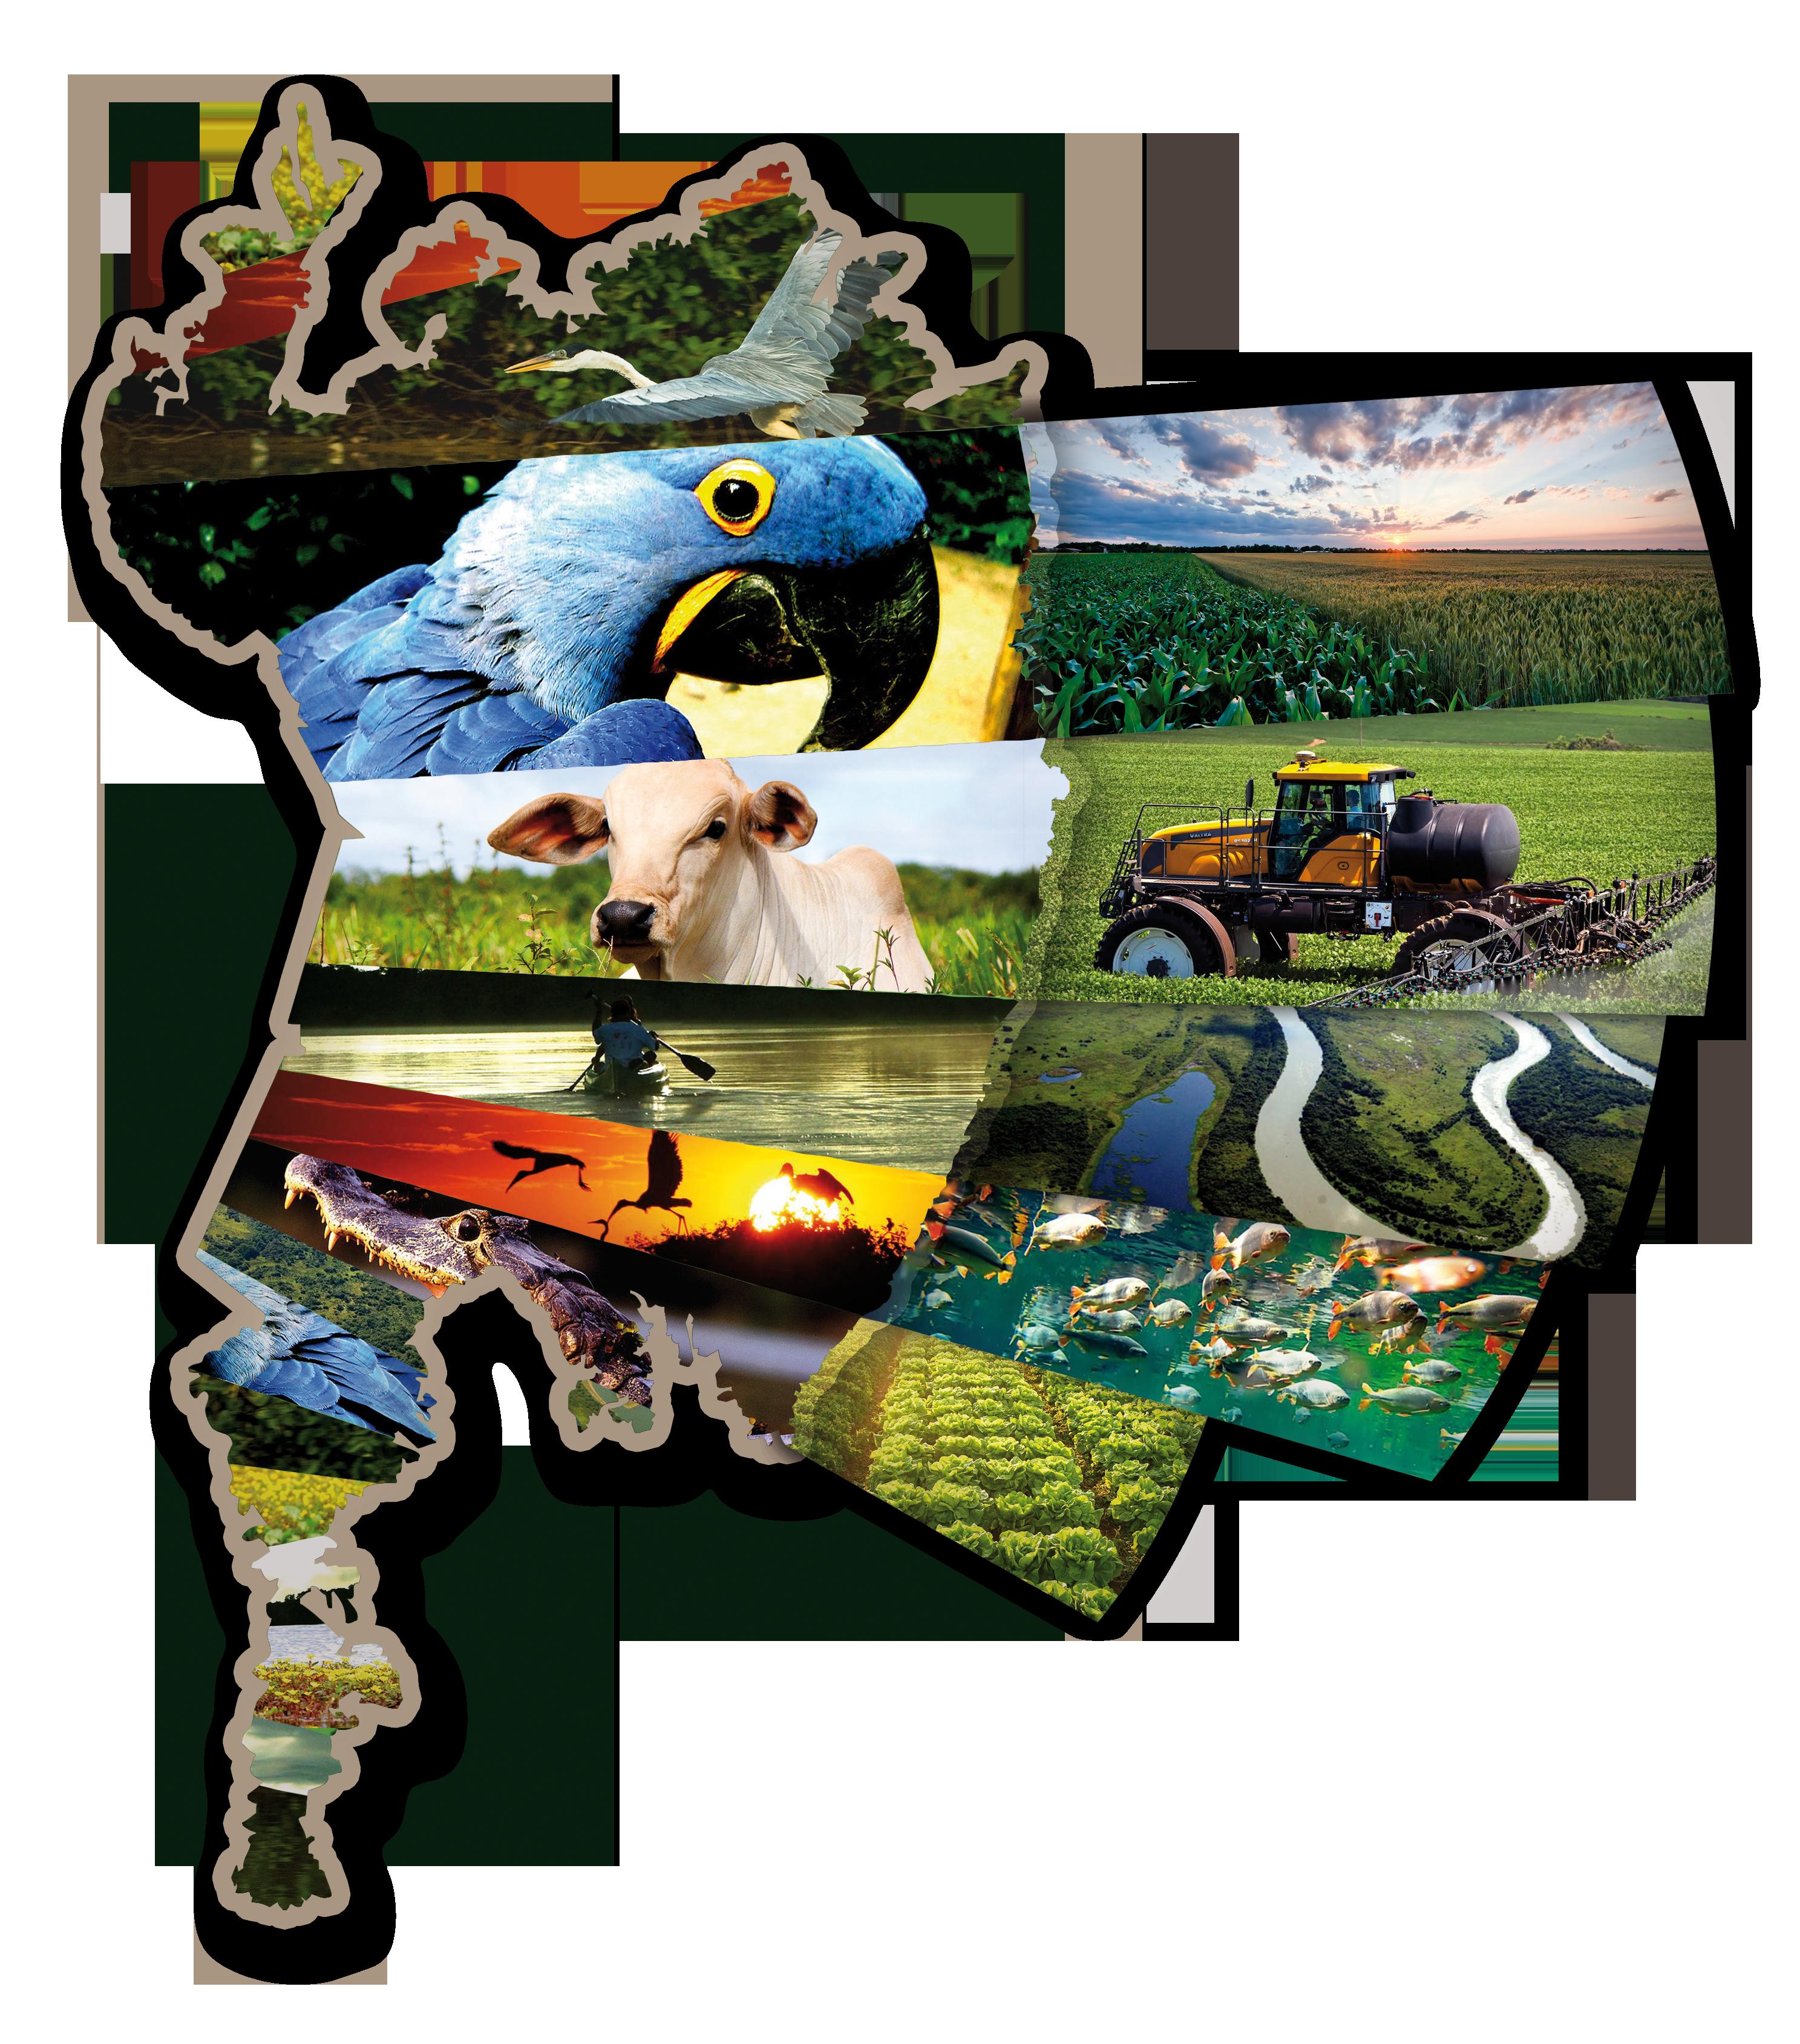 Agência de Notícias - Embrapa - Campo Grande vai sediar 5º Simpósio de Geotecnologias no Pantanal